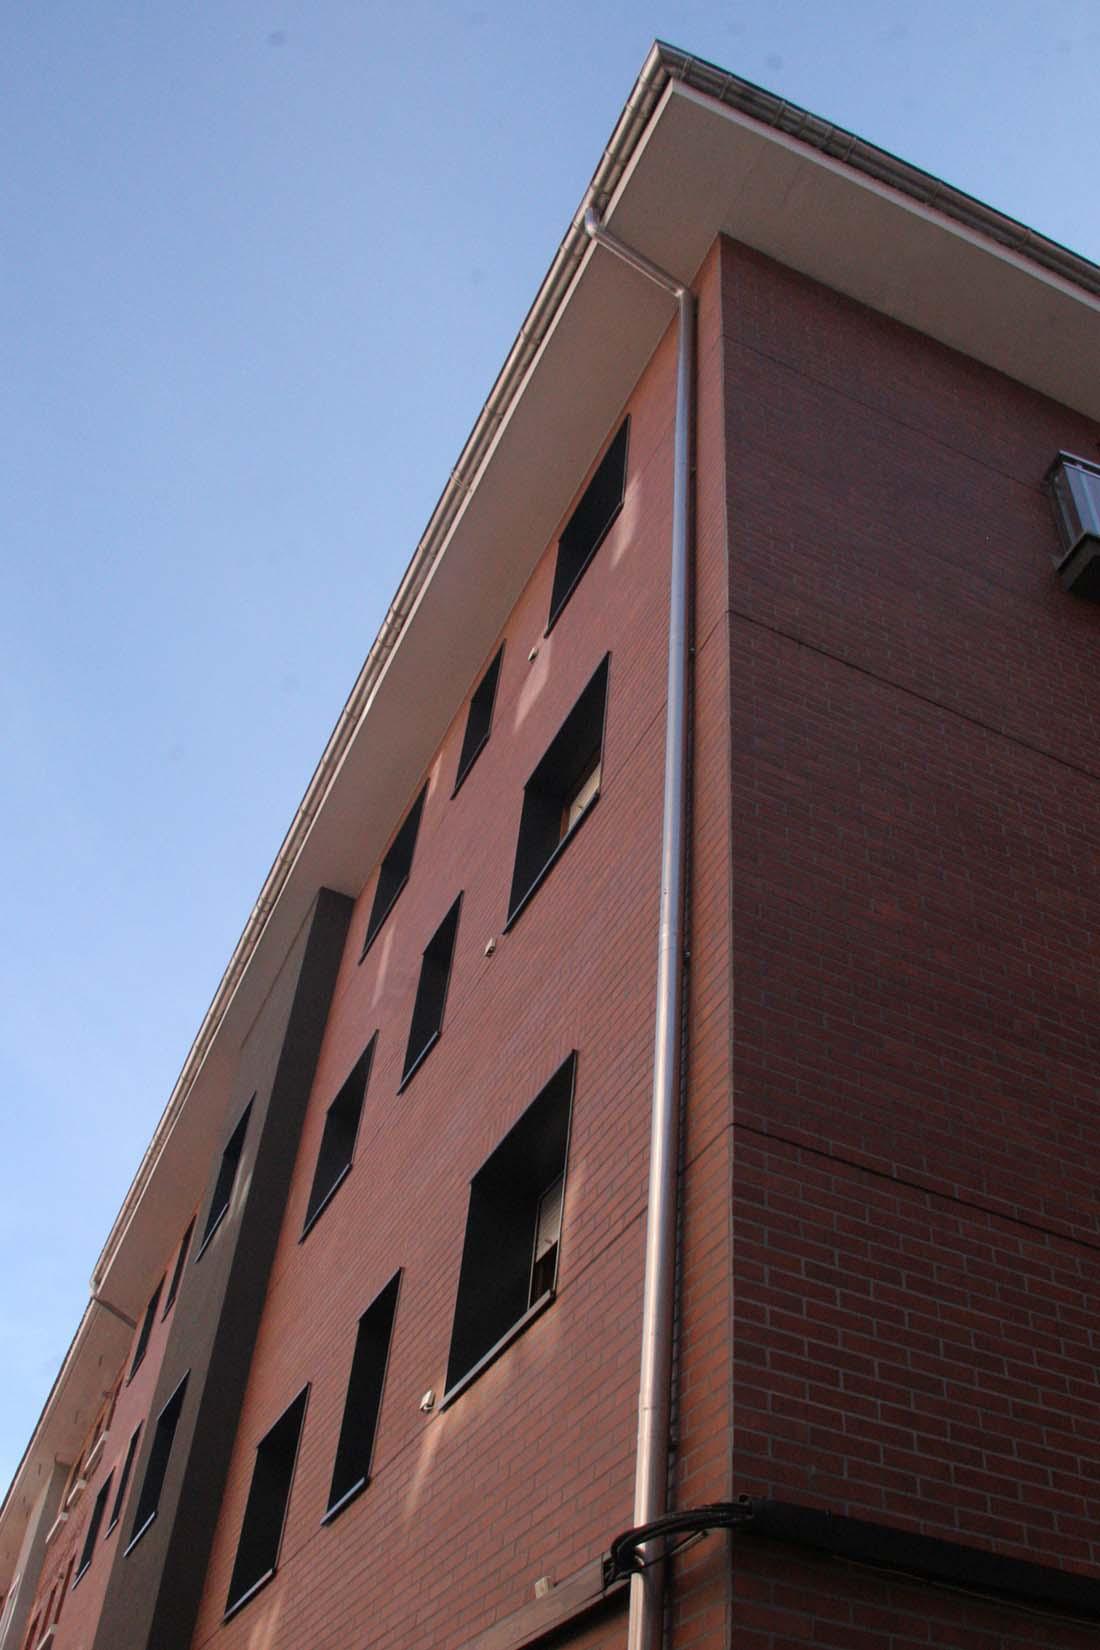 proyecto de rehabilitacion de eficiencia energetica en trapaga 4